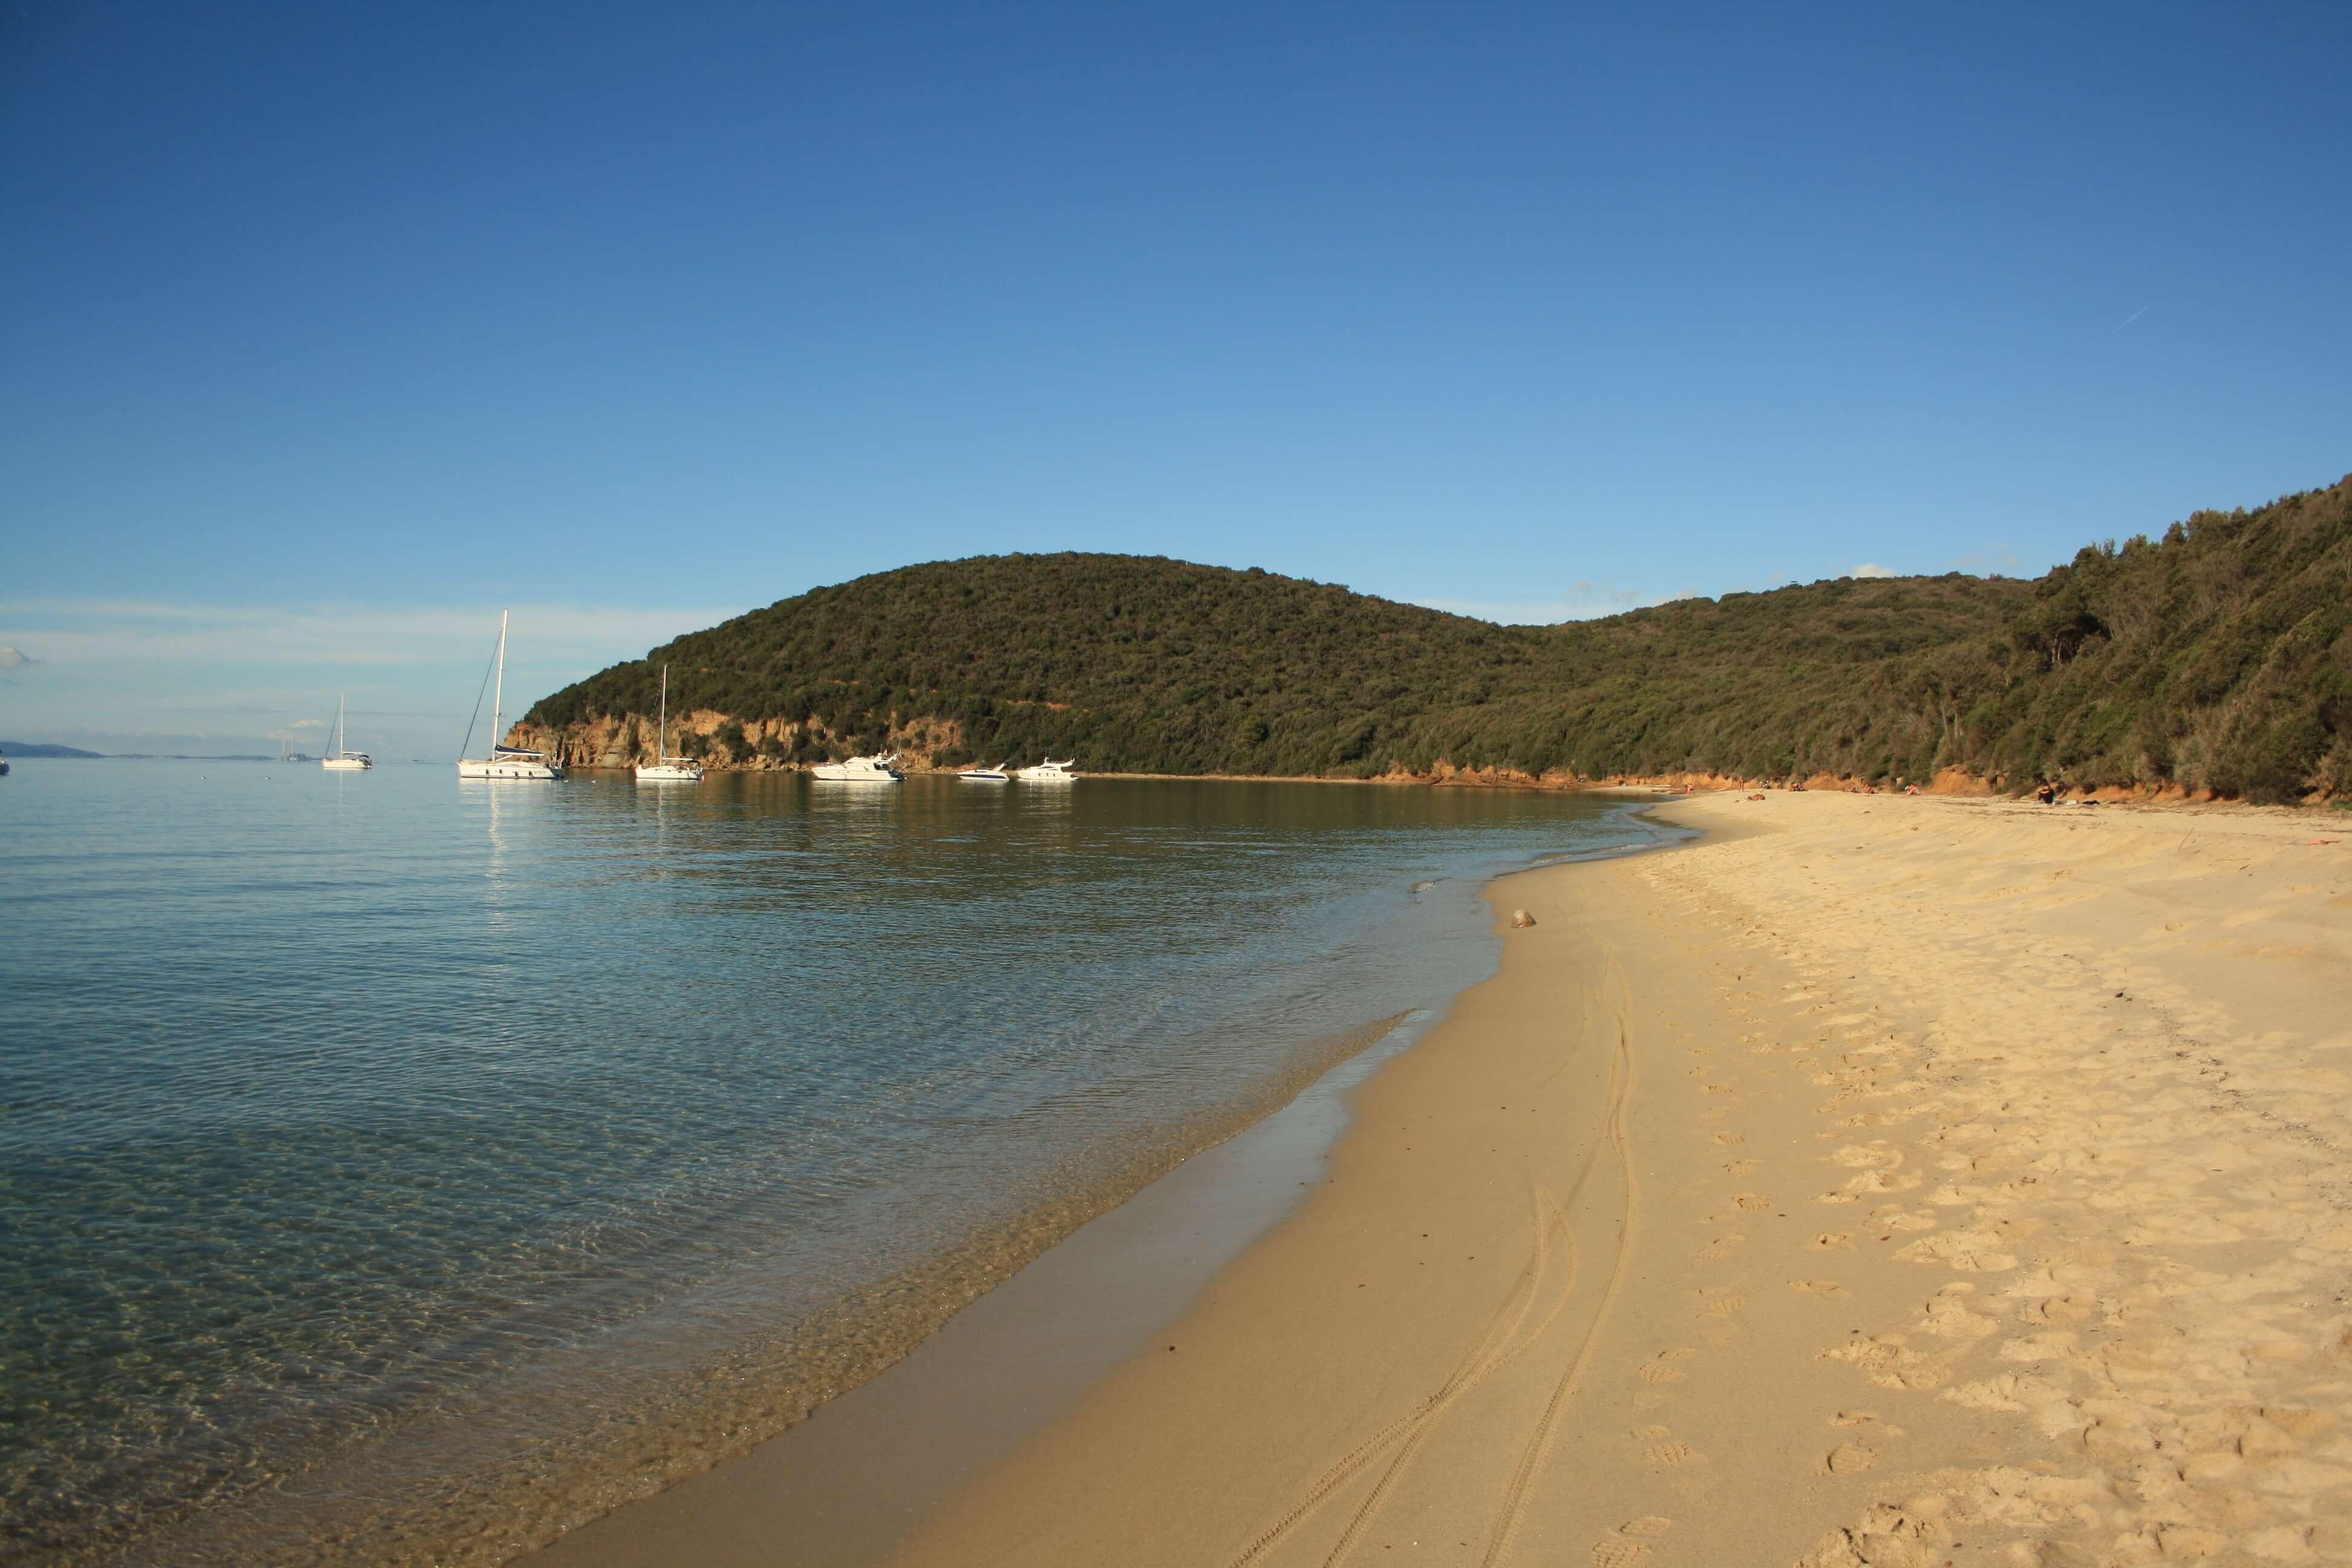 Le spiagge più belle di Toscana: Cala Violina